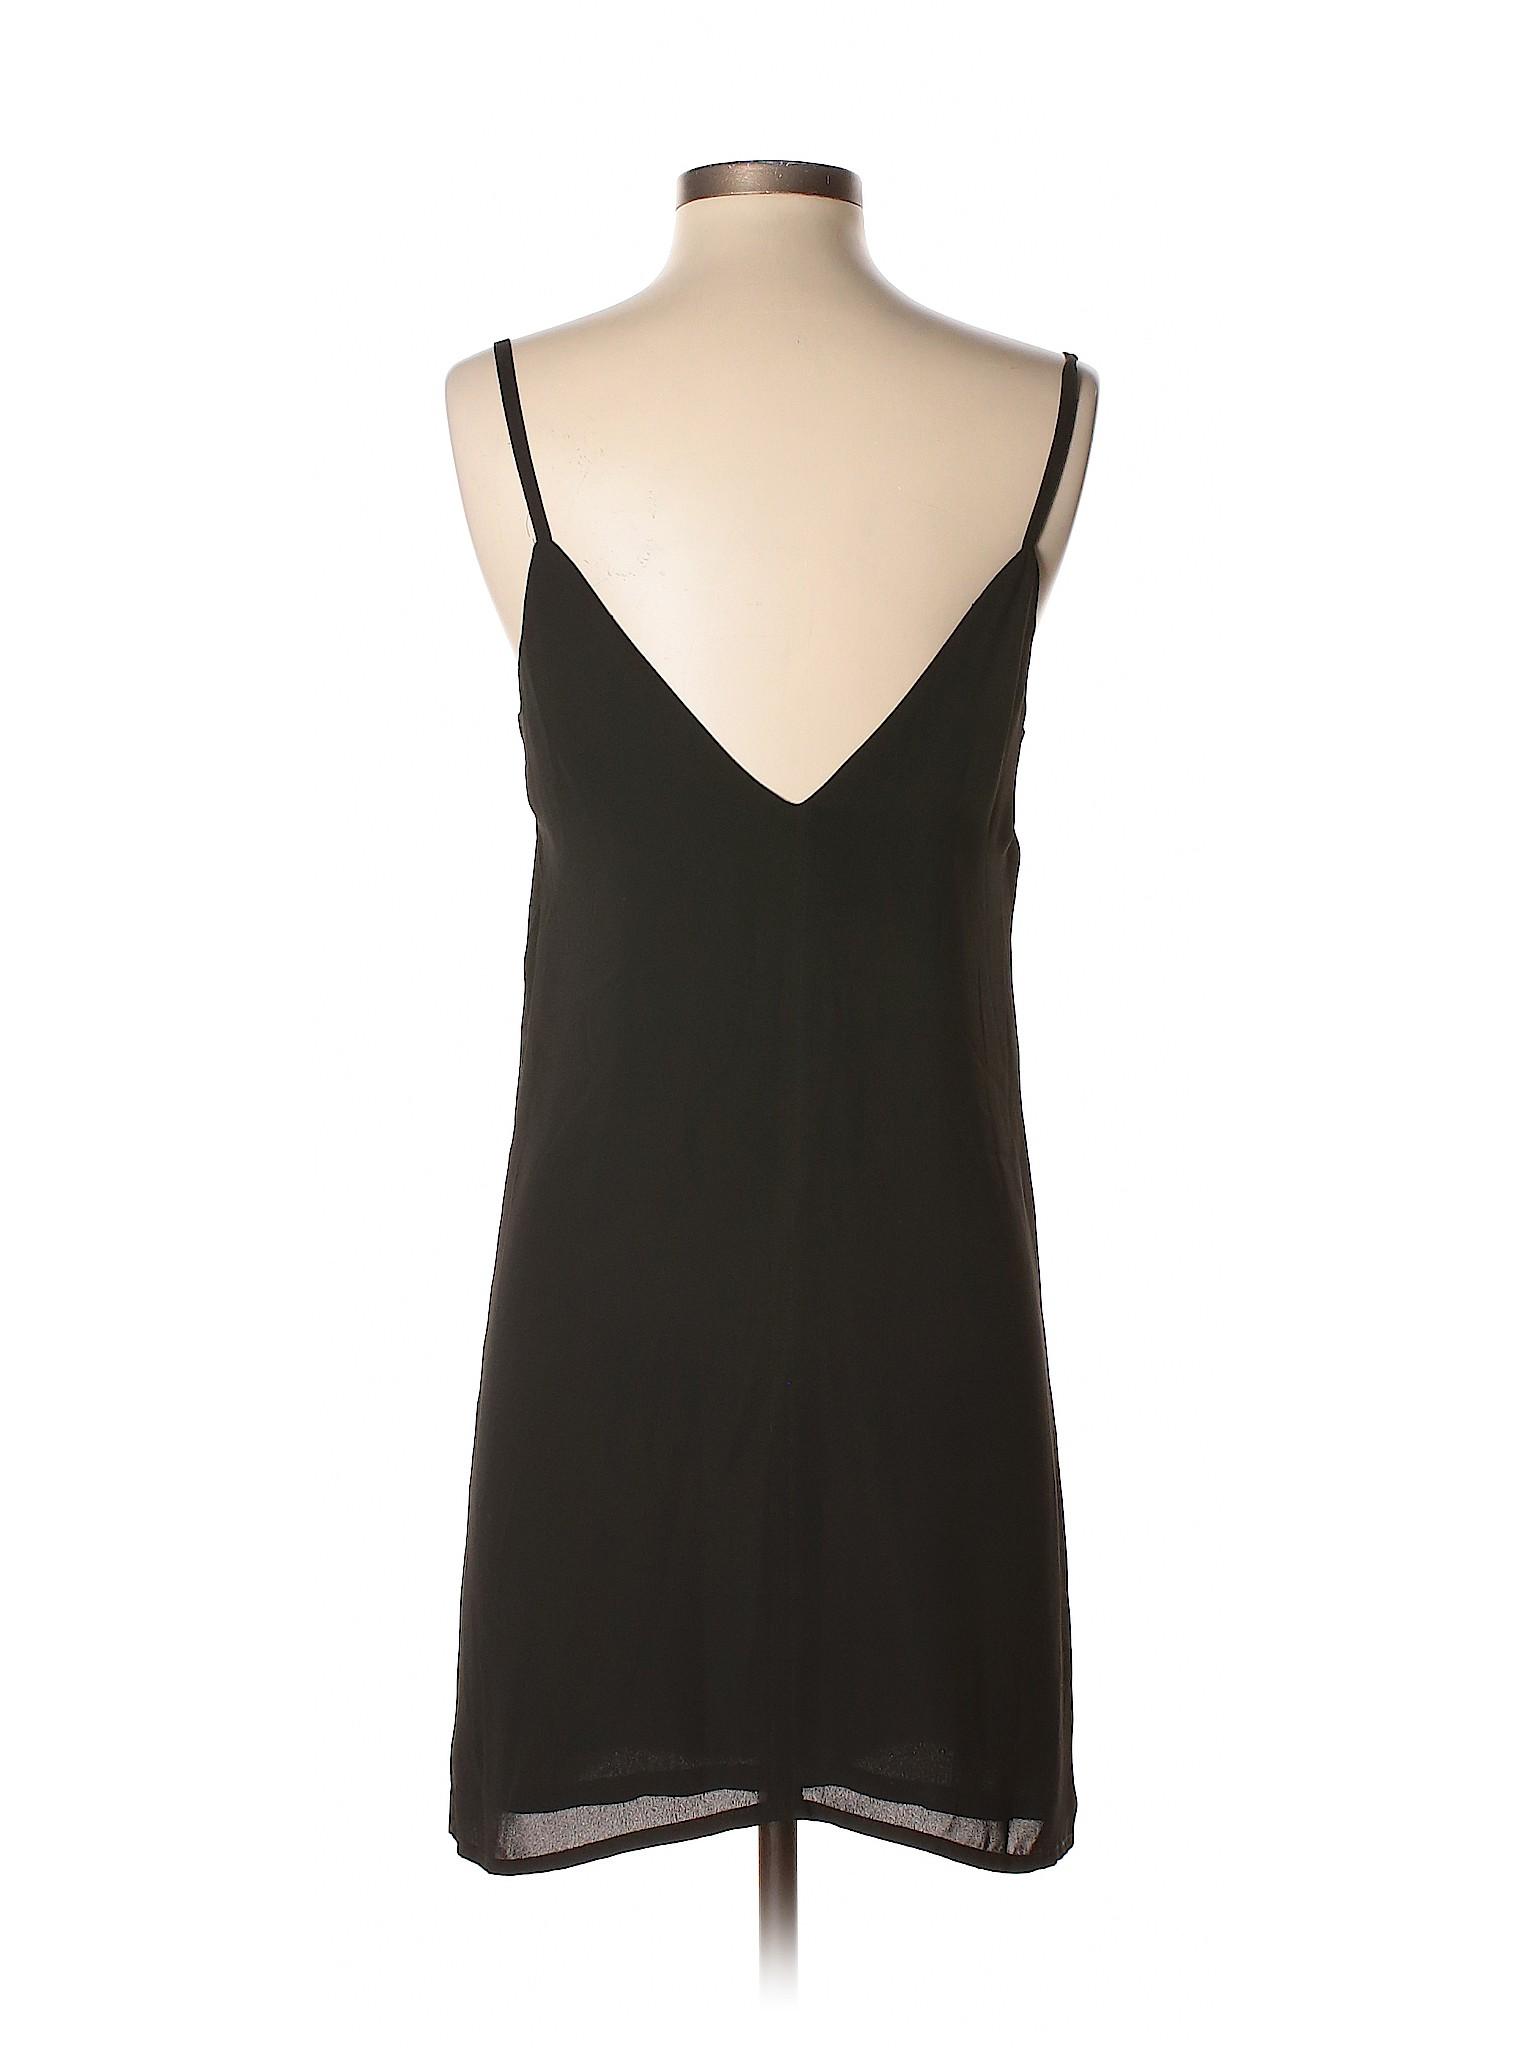 Casual Winter Boutique Boutique Winter Asos Dress Asos qtqX4H